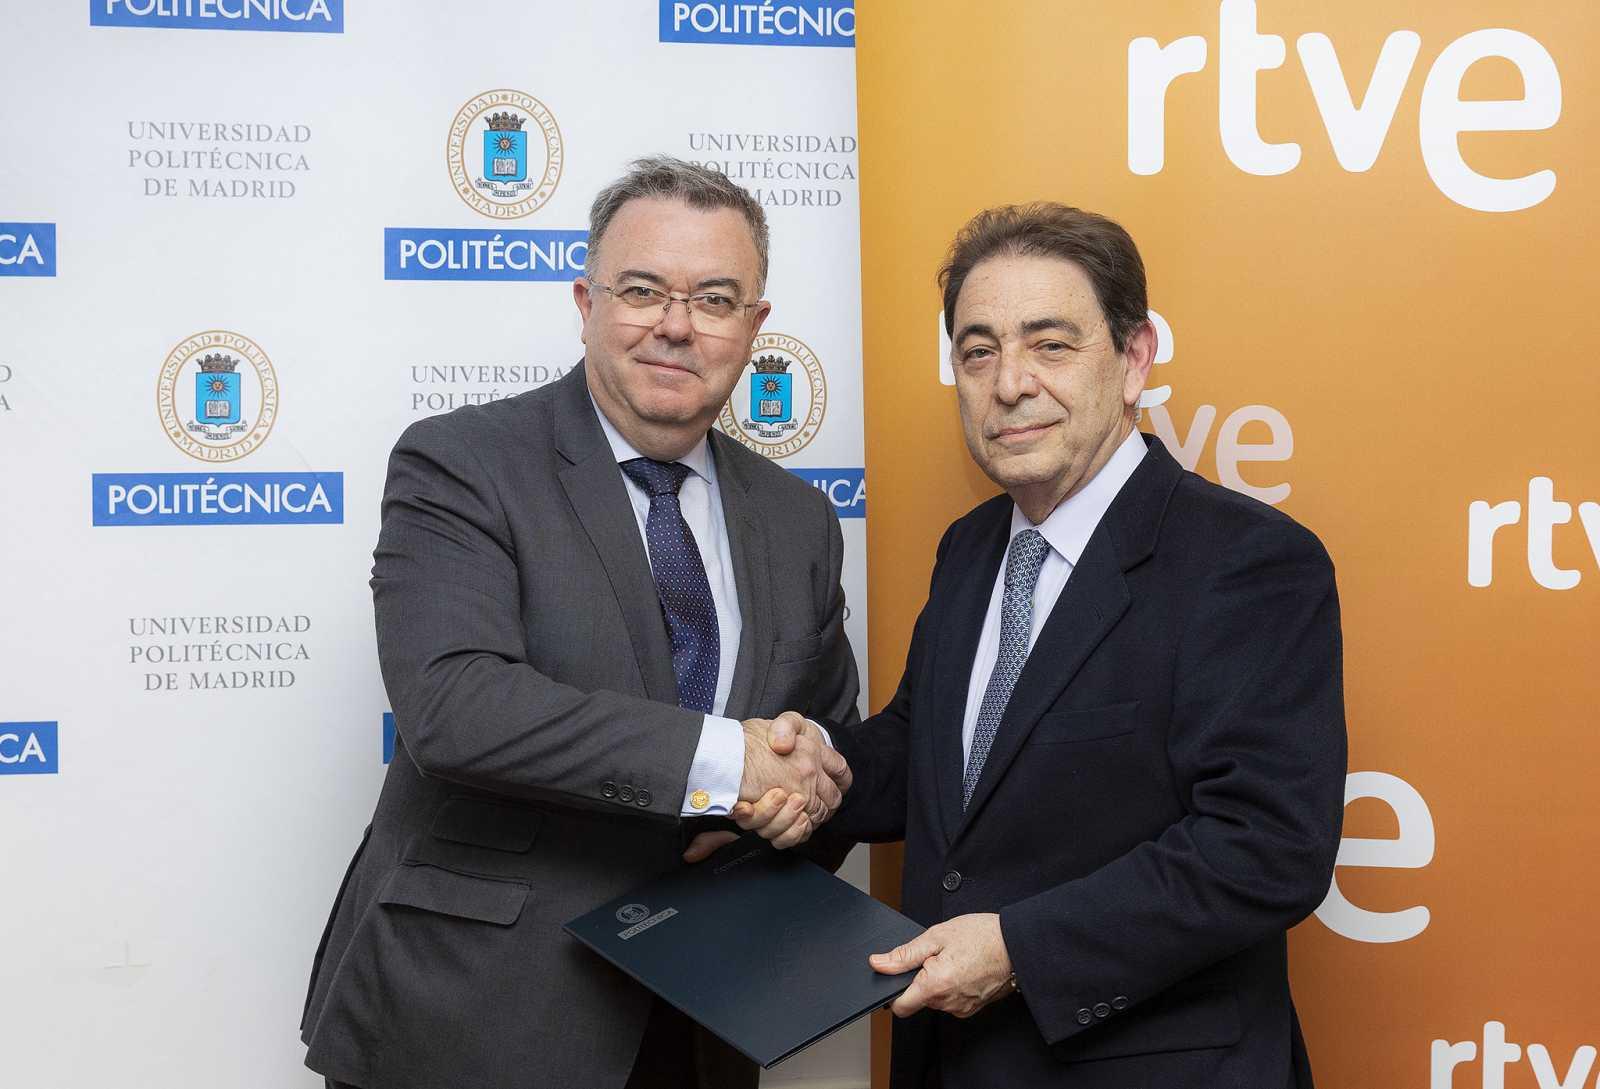 El director general corporativo de RTVE, Federico Montero y el rector de la Universidad Politécnica de Madrid, Guillermo Cisneros, renuevan la Cátedra RTVE-UPM